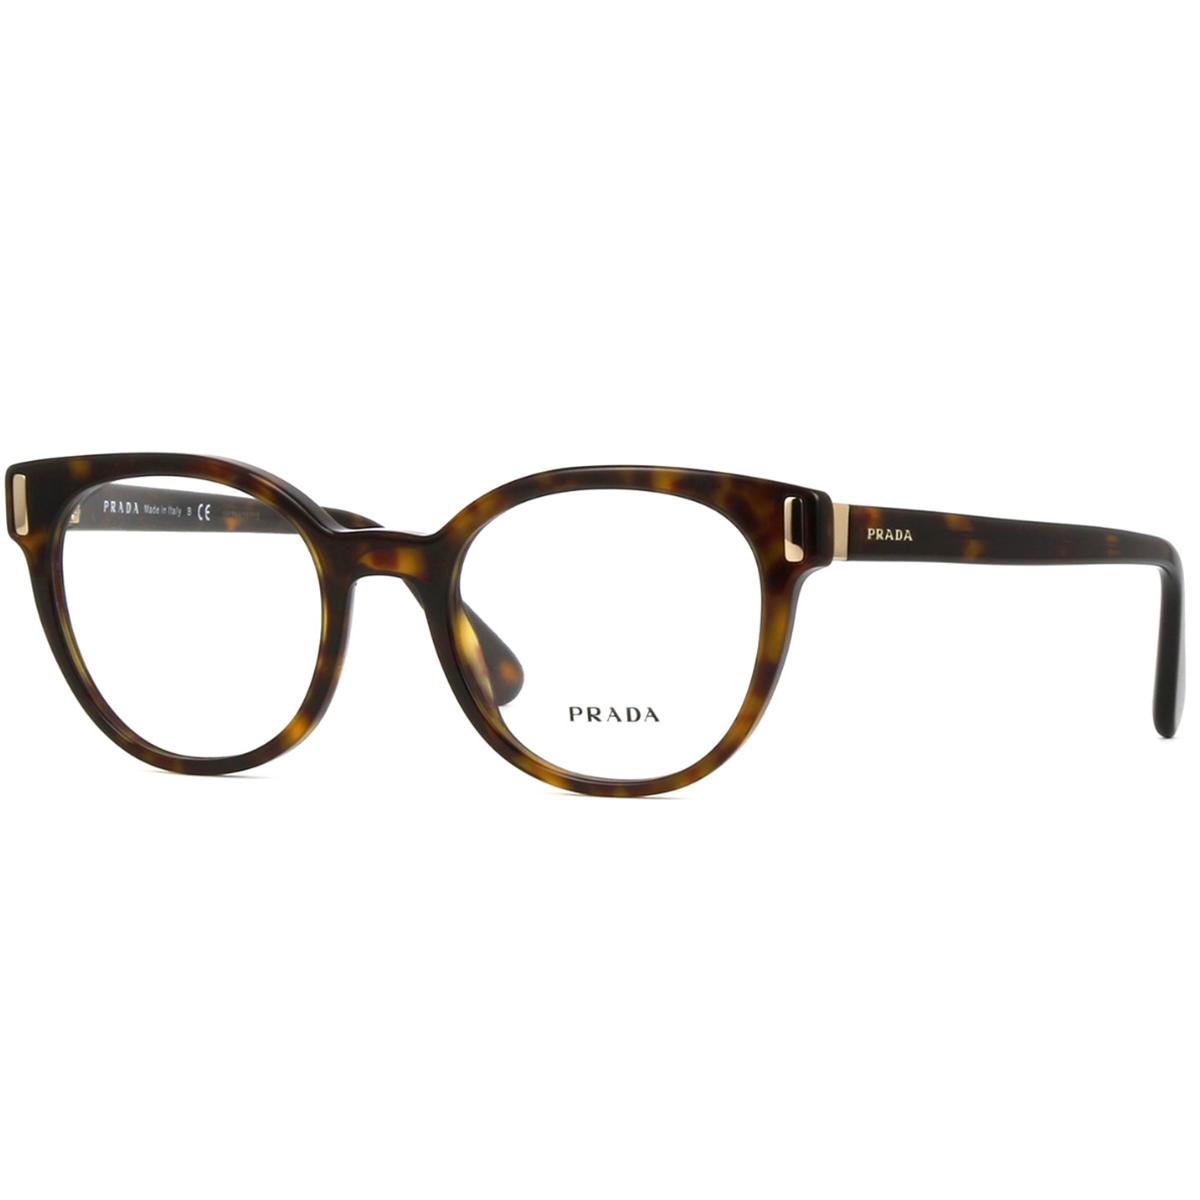 Compre Óculos de Grau Prada em 10X Tri Jóia Shop ab3279818a